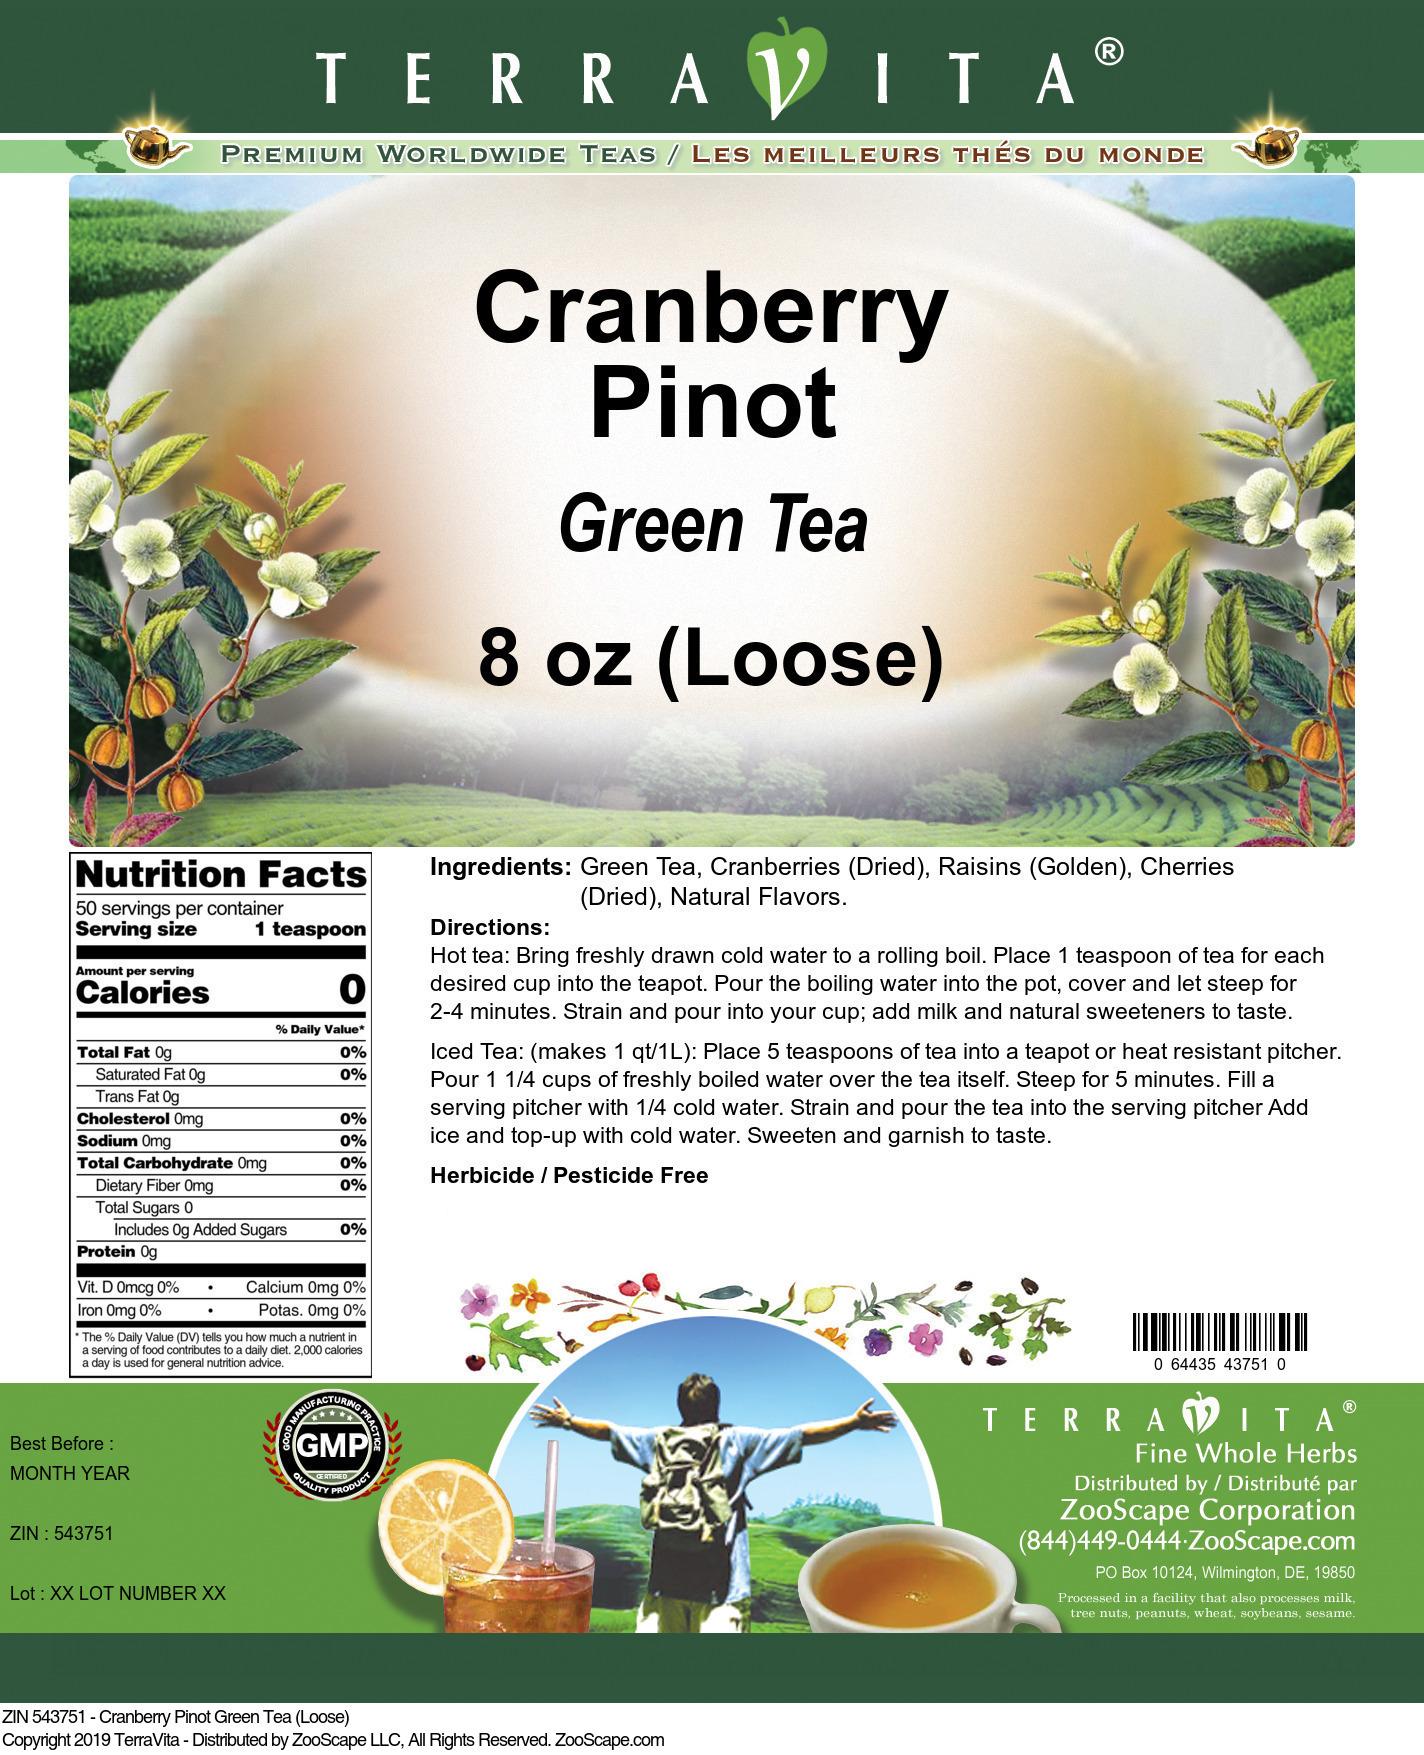 Cranberry Pinot Green Tea (Loose)